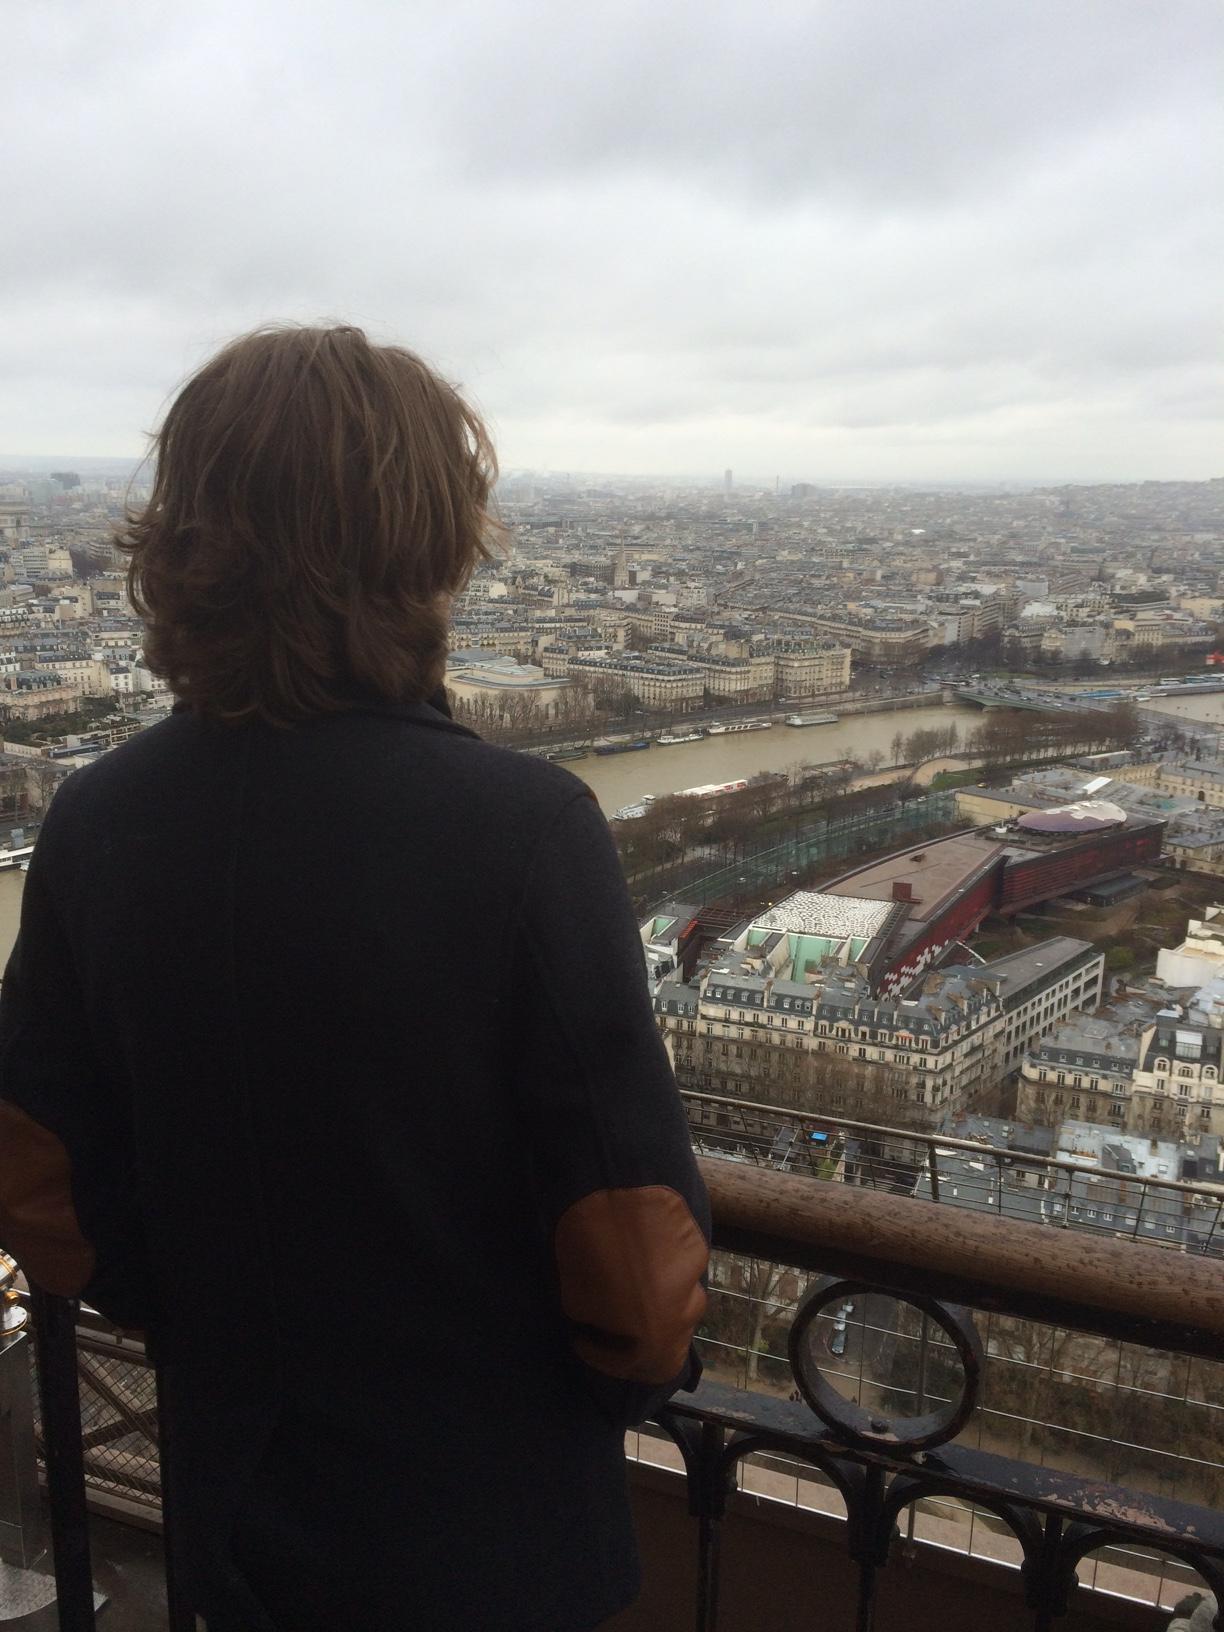 CAPAStudyAbroad_London_Spring2015_Paris_Trip_from_Matt_Linenbroker3